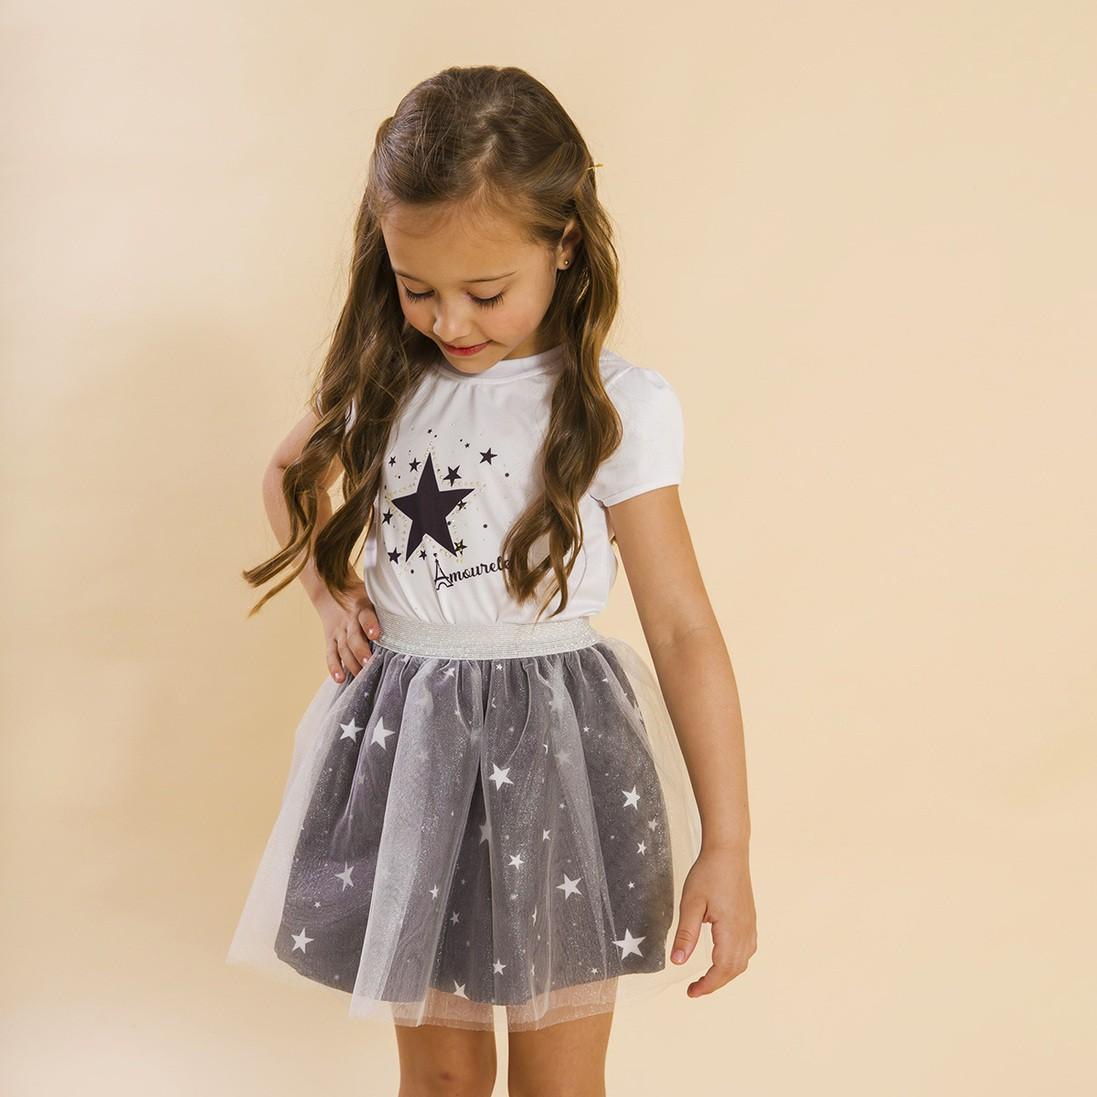 Conjunto Infantil Blusa e Saia Bailarina Estrelas Preto